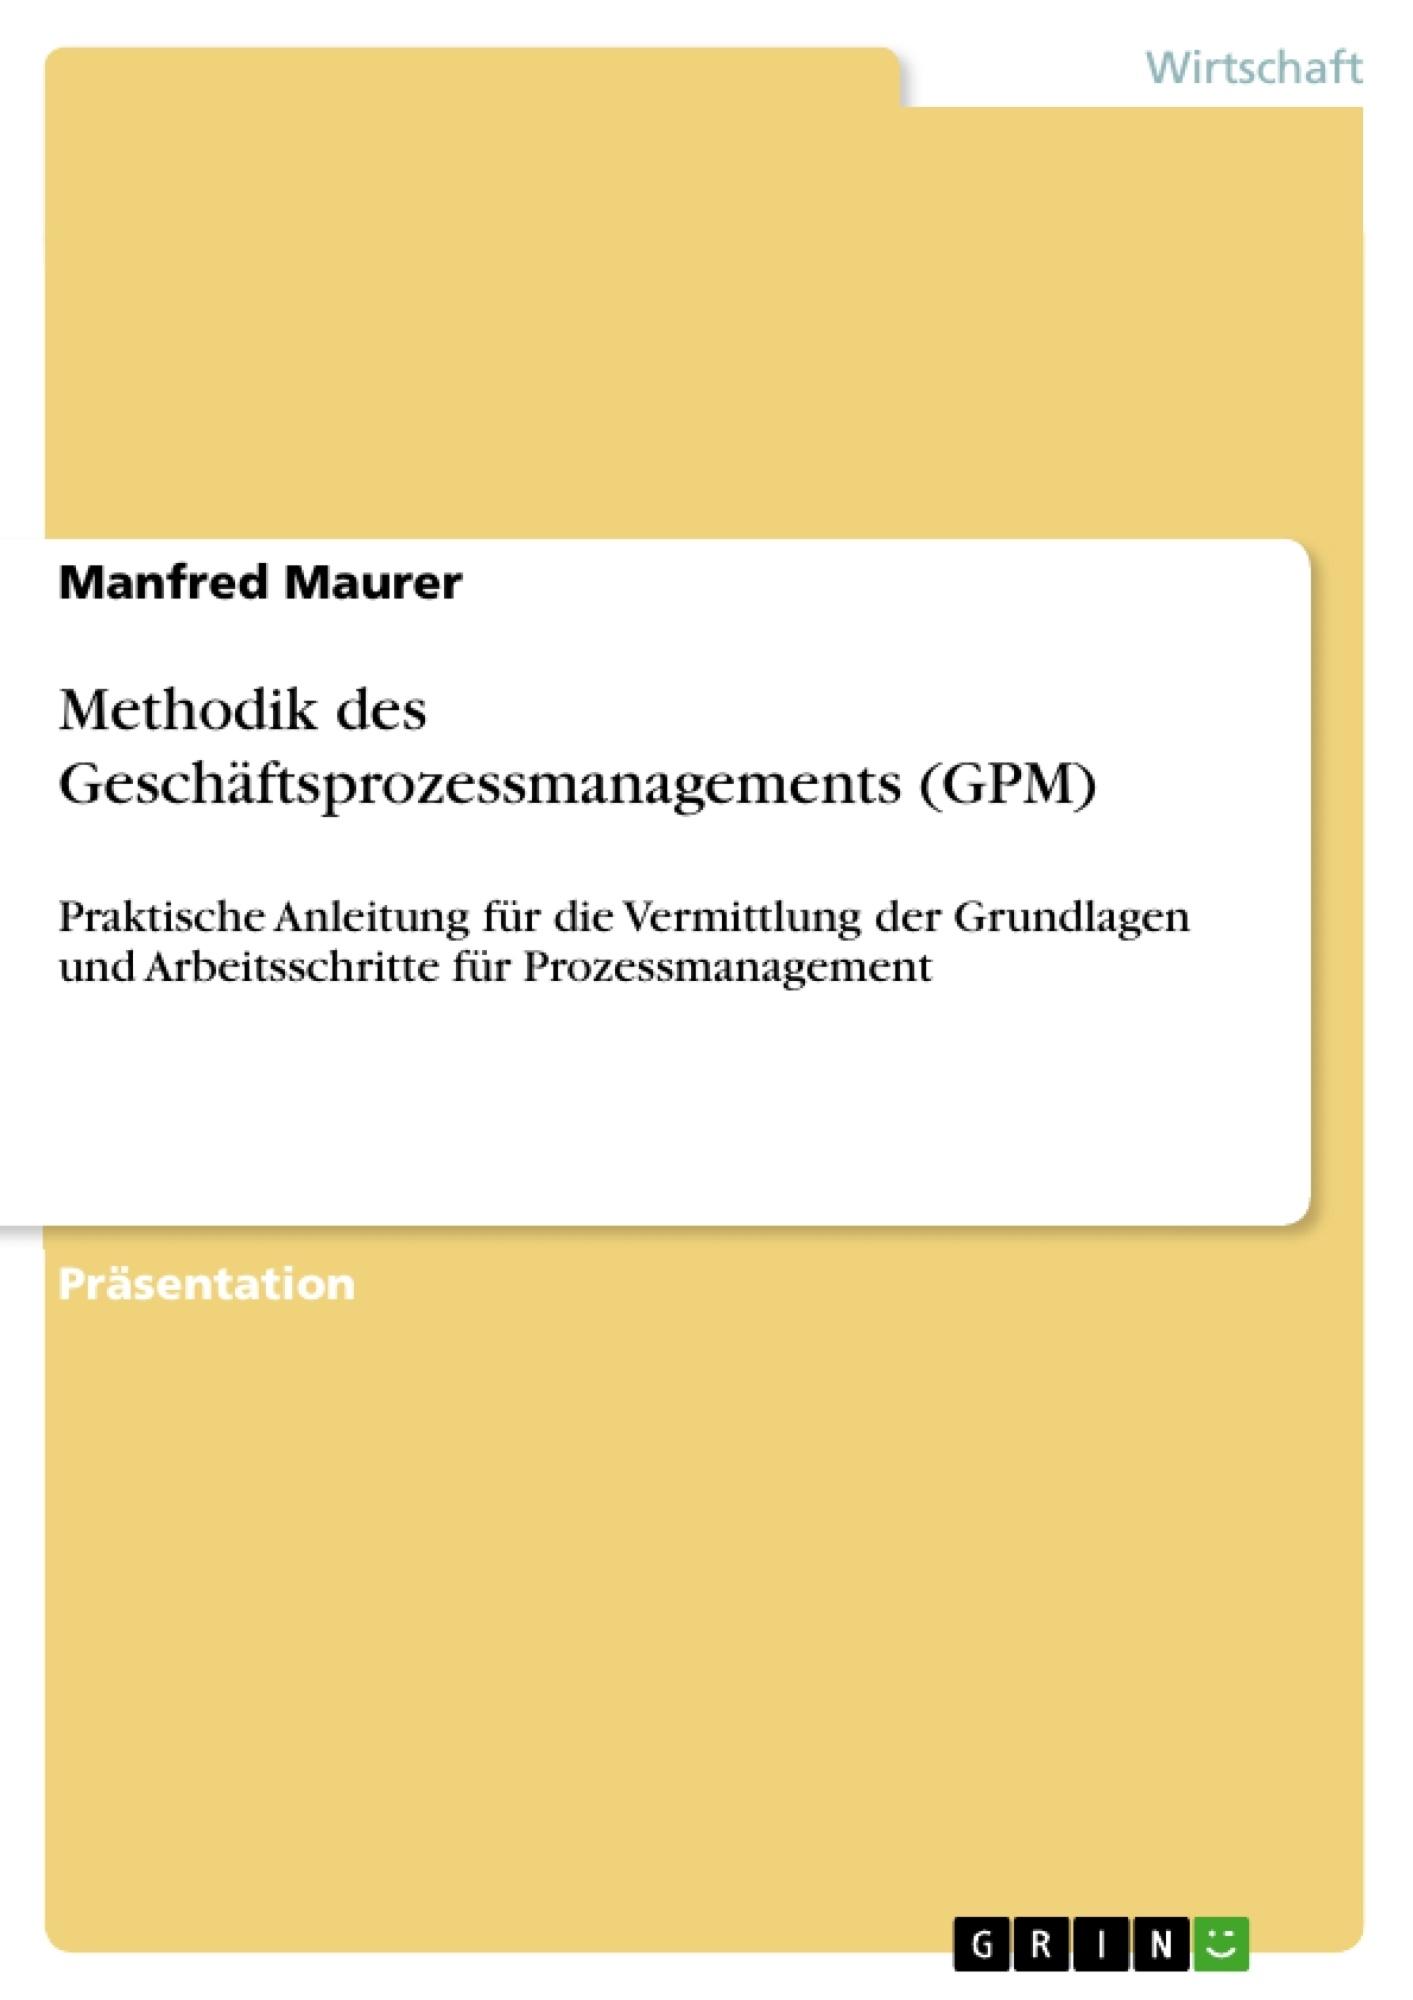 Titel: Methodik des Geschäftsprozessmanagements (GPM)